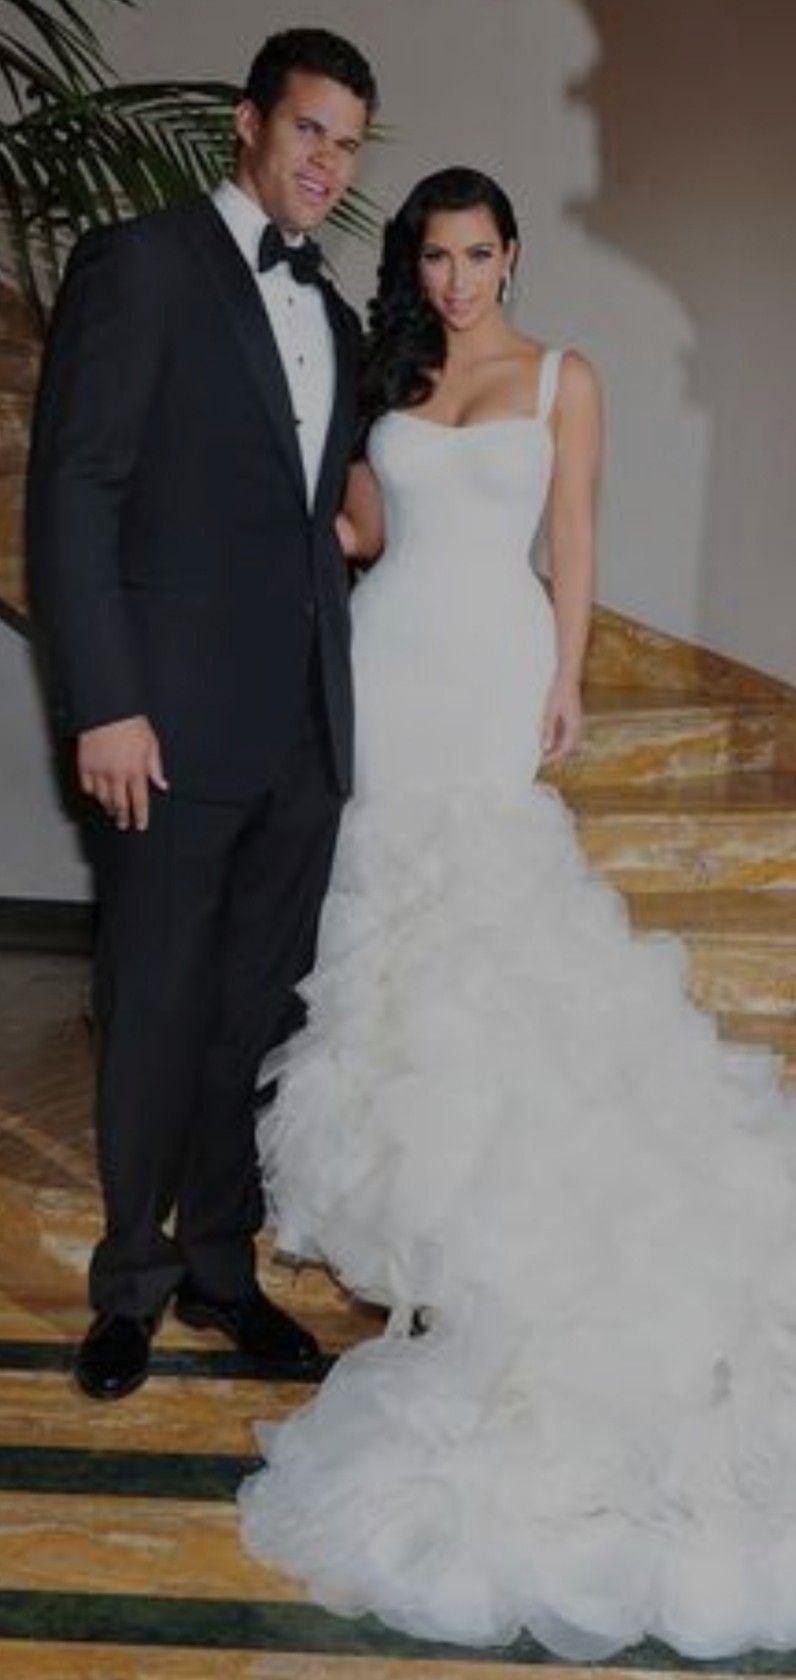 Pin By Katelyn Hansen On Wedding Ideas Kim Kardashian Wedding Dress Kim Kardashian Wedding Kardashian Wedding [ 1680 x 796 Pixel ]